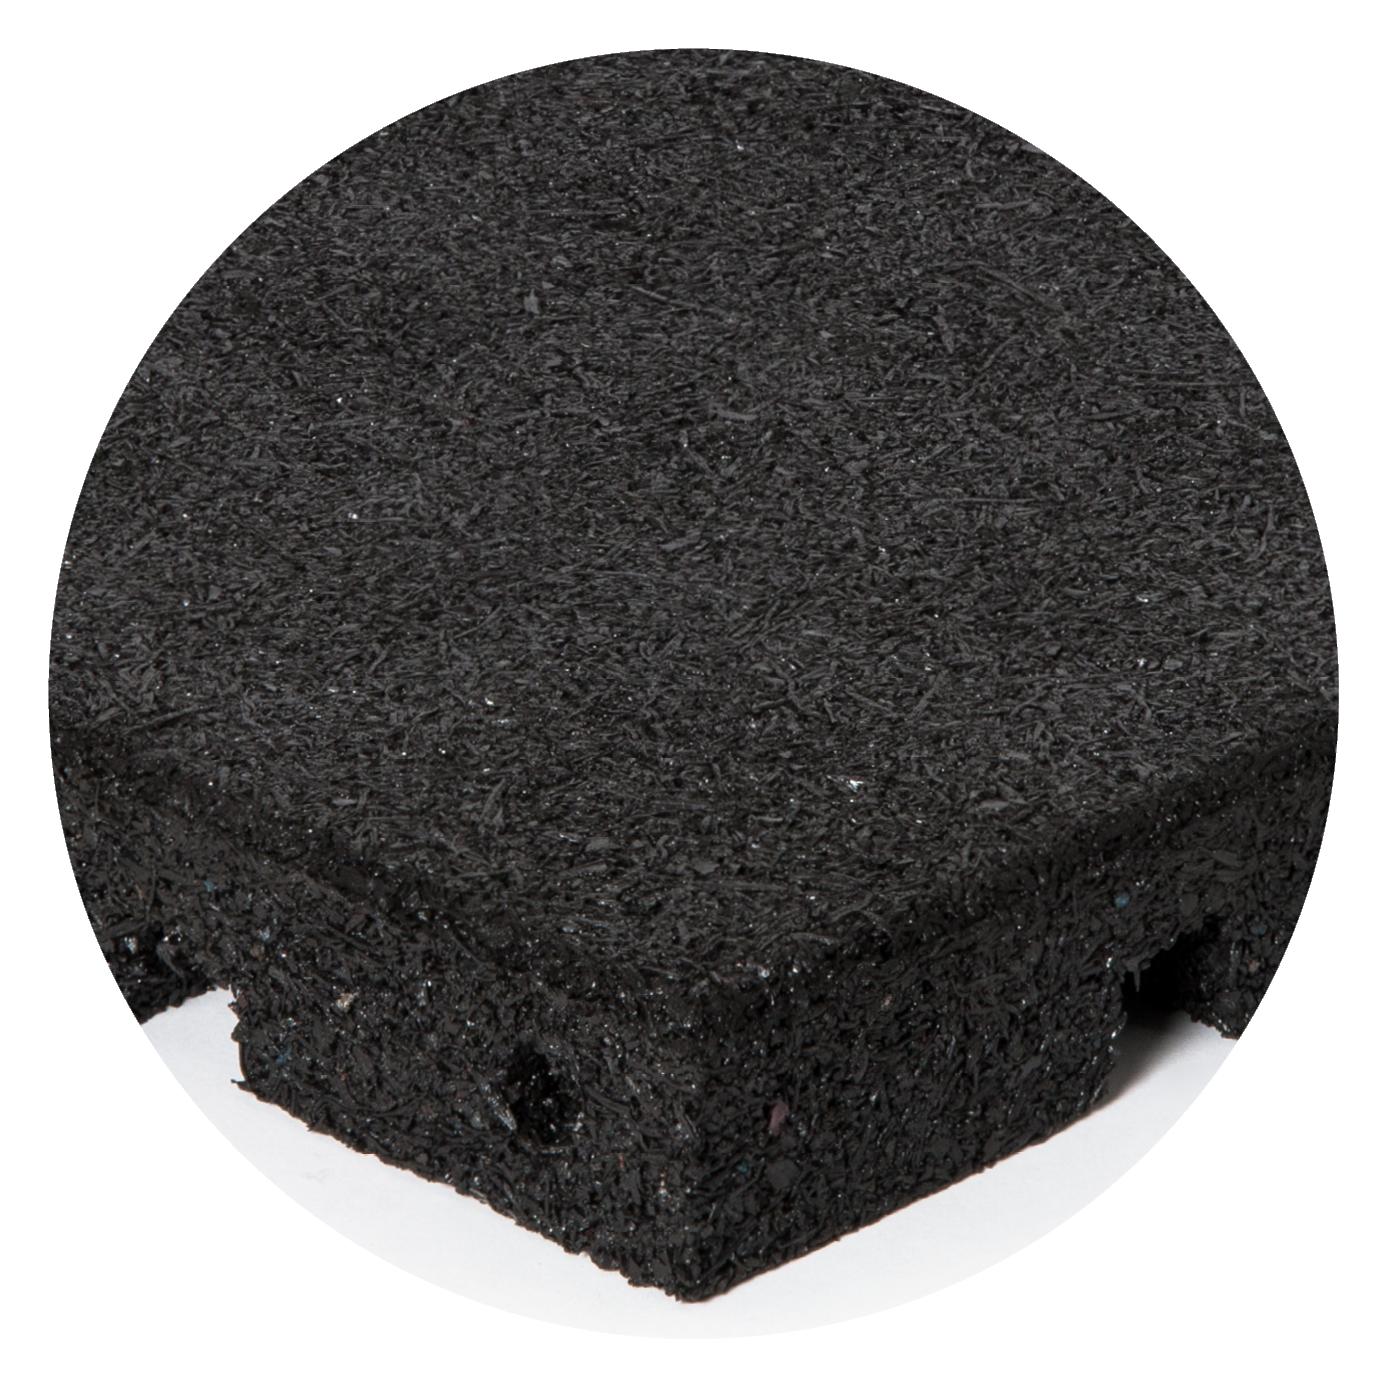 Playfall-Tiles-Black